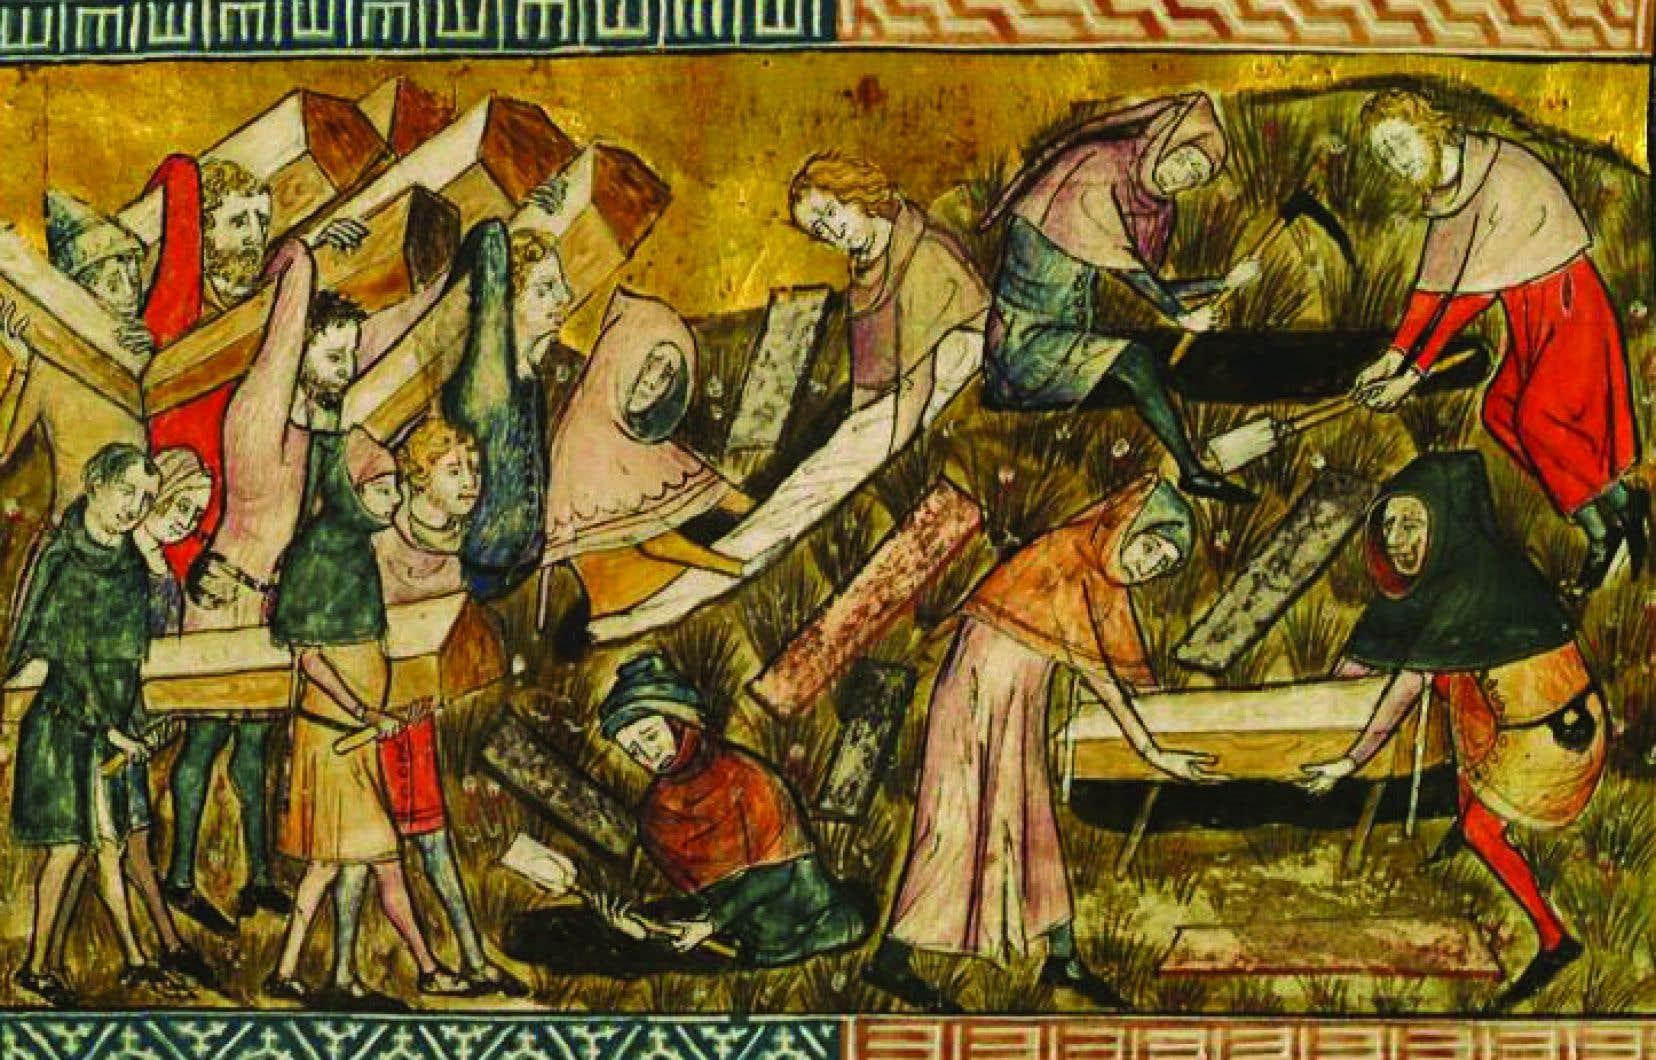 On dit que le XIVe siècle est calamiteux parce que la peste s'ajoute à des famines, des crises économiques répétées, la guerre de Cent Ans qui fauche aussi son lot de personnes, explique la professeure Geneviève Dumas. Sur l'illustration, des gens enterrent des victimes de la peste noire, à Tournai, en Belgique.